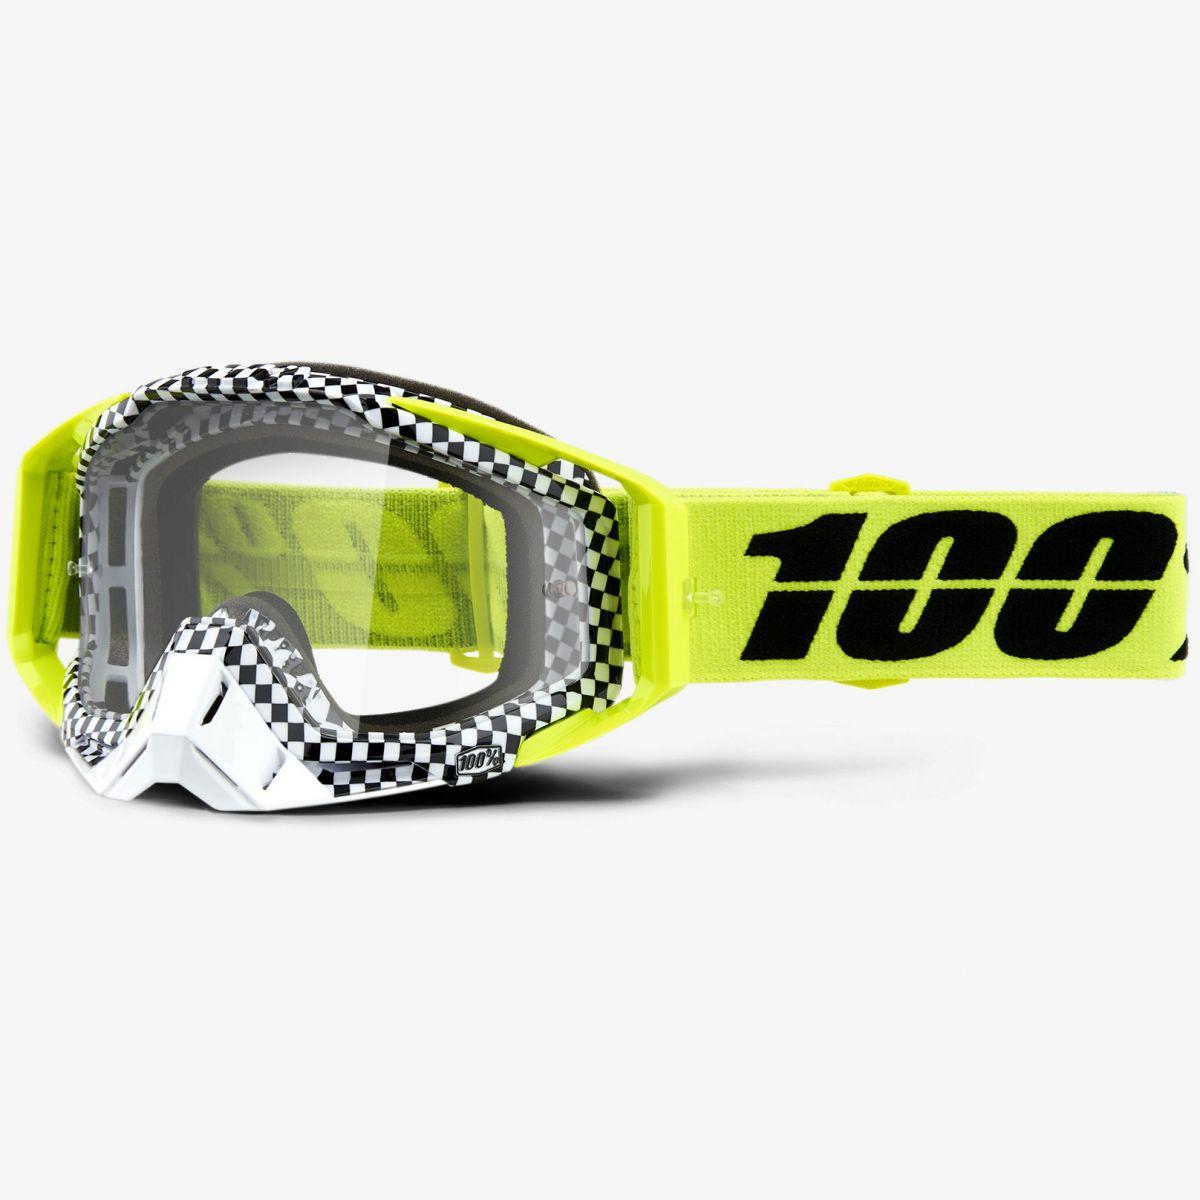 100% - Racecraft Andre очки, прозрачная линза